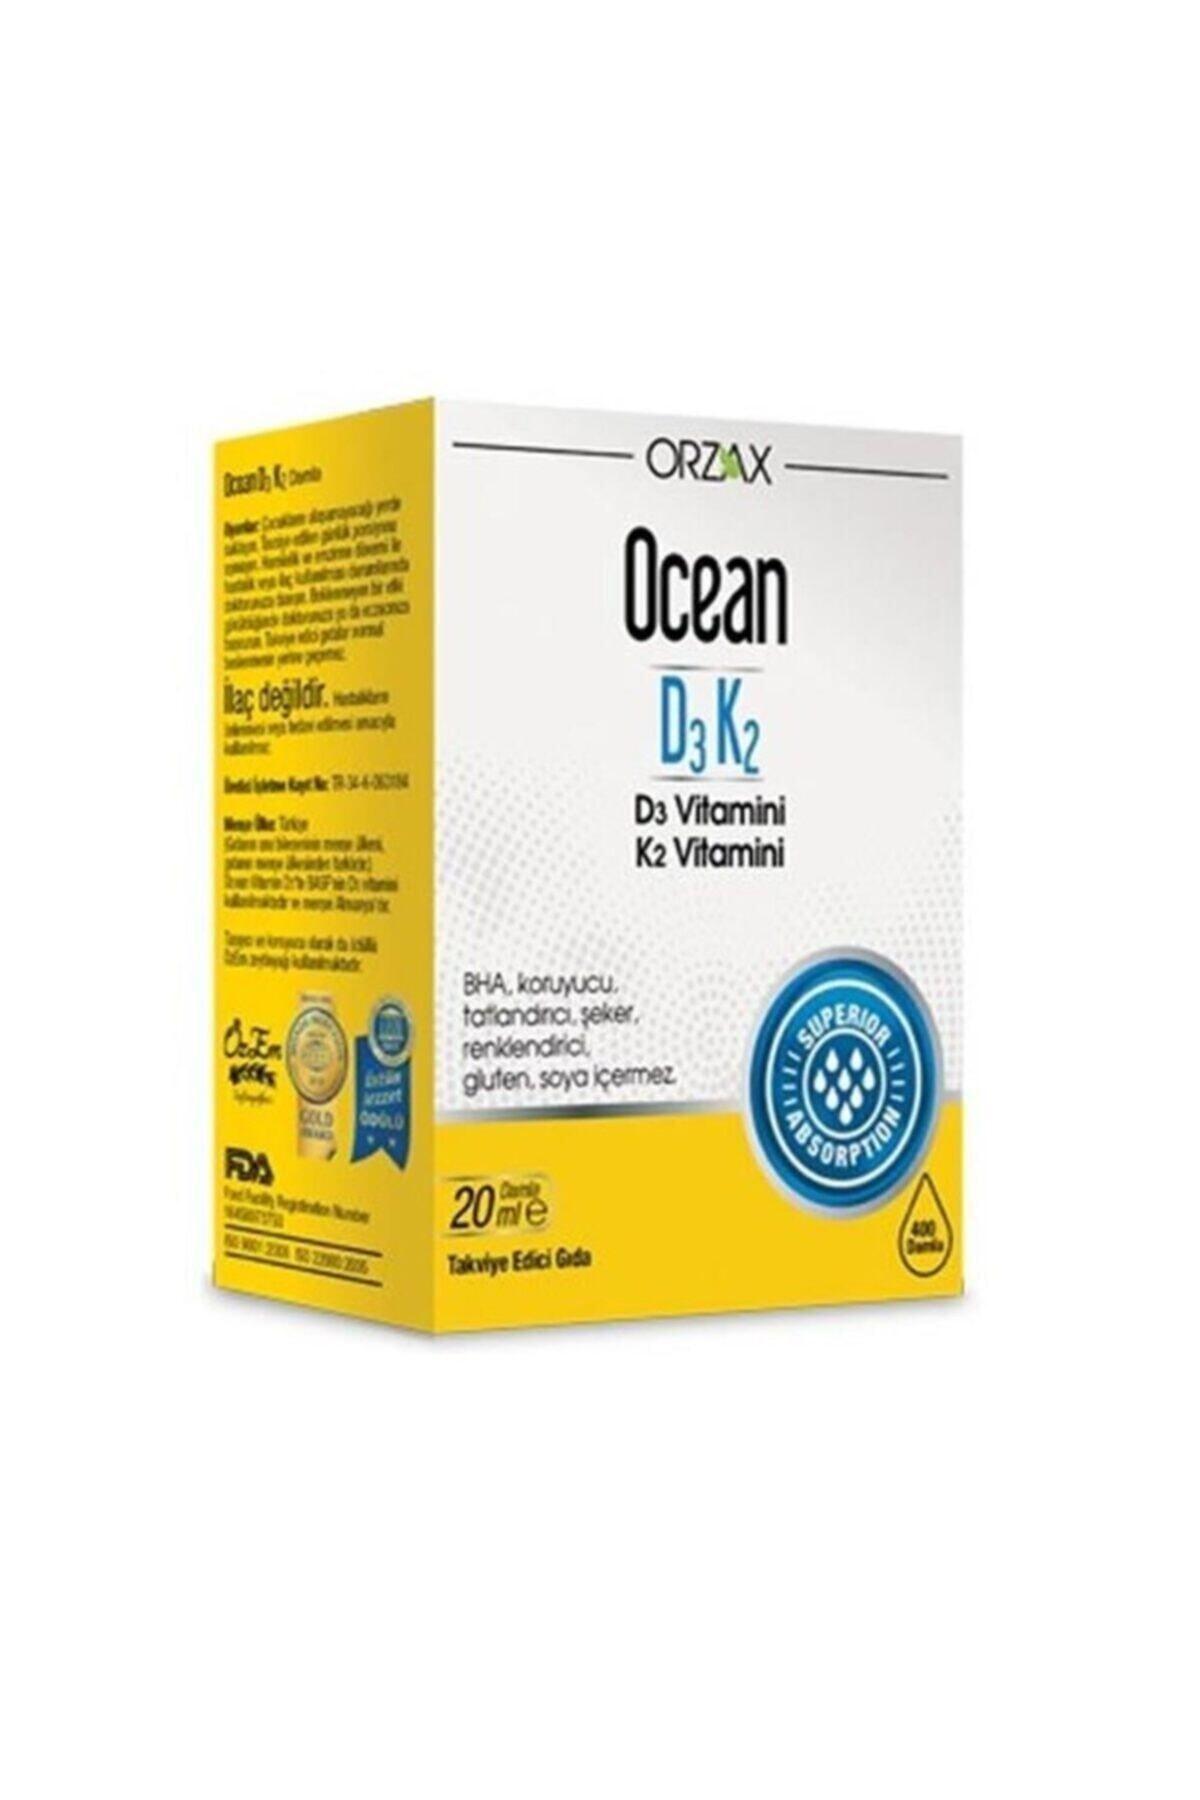 Orzax Ocean D3k2 Damla 20 ml 1